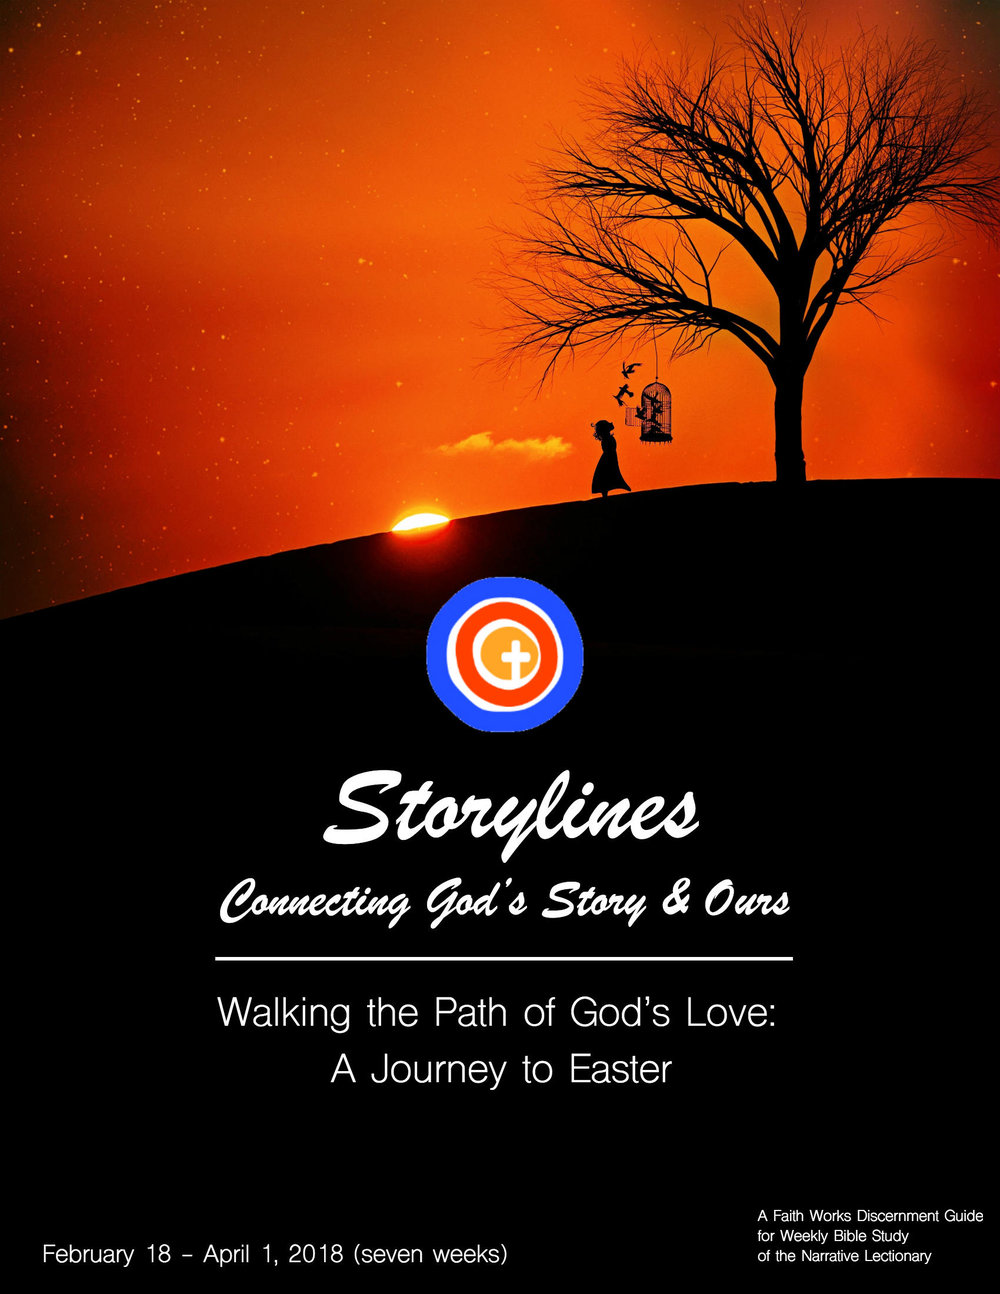 ST 2018-02 Storylines Lent Cover.jpg